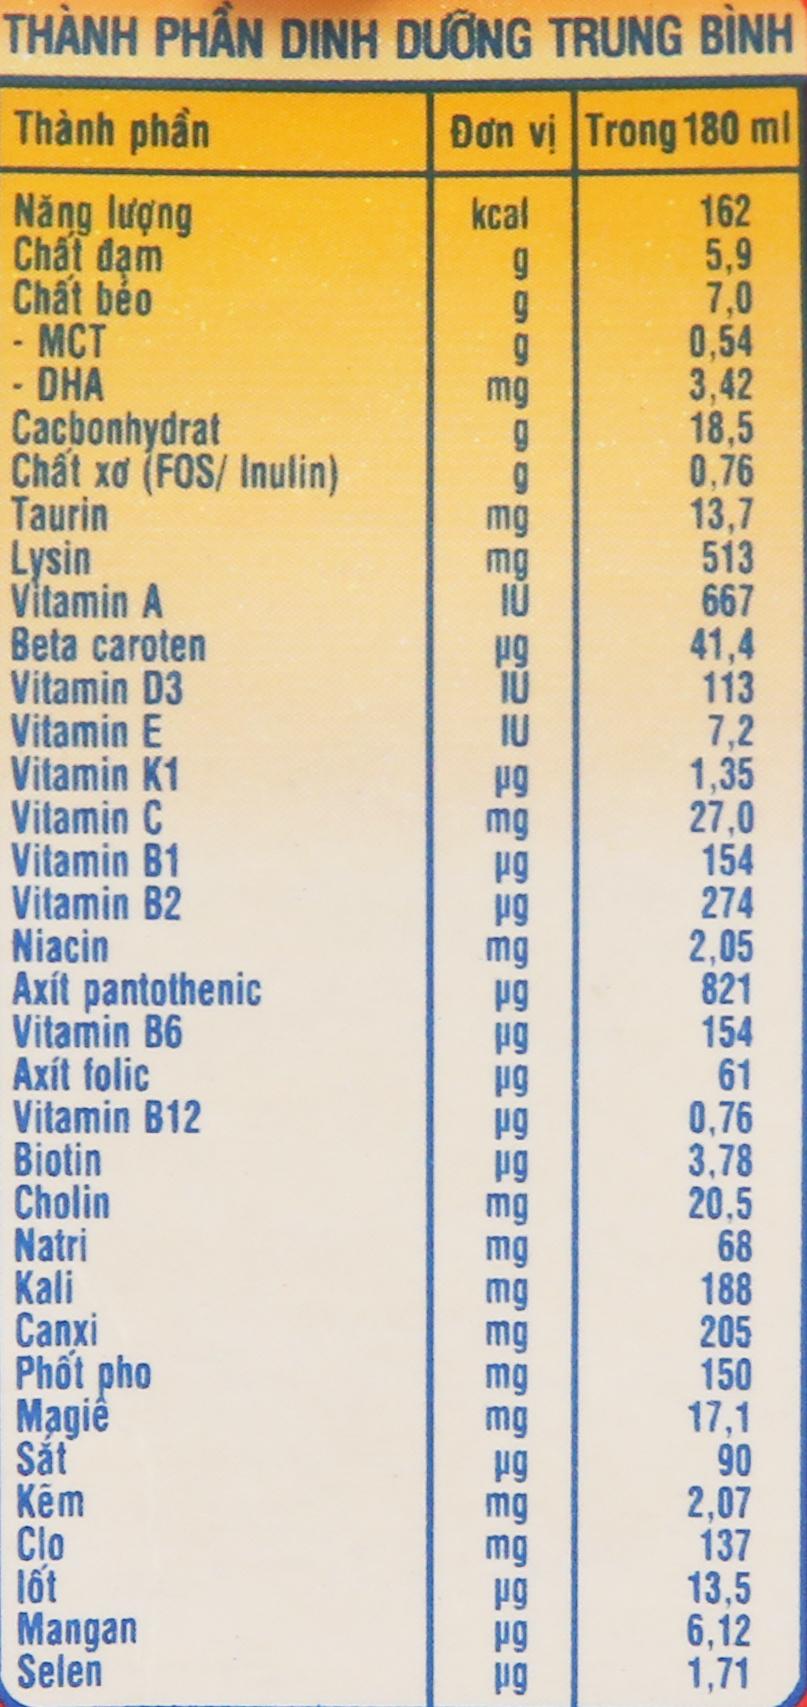 Lốc 4 hộp sữa bột pha sẵn NutiFood Grow Plus+ suy dinh dưỡng, thấp còi vani 180ml 5